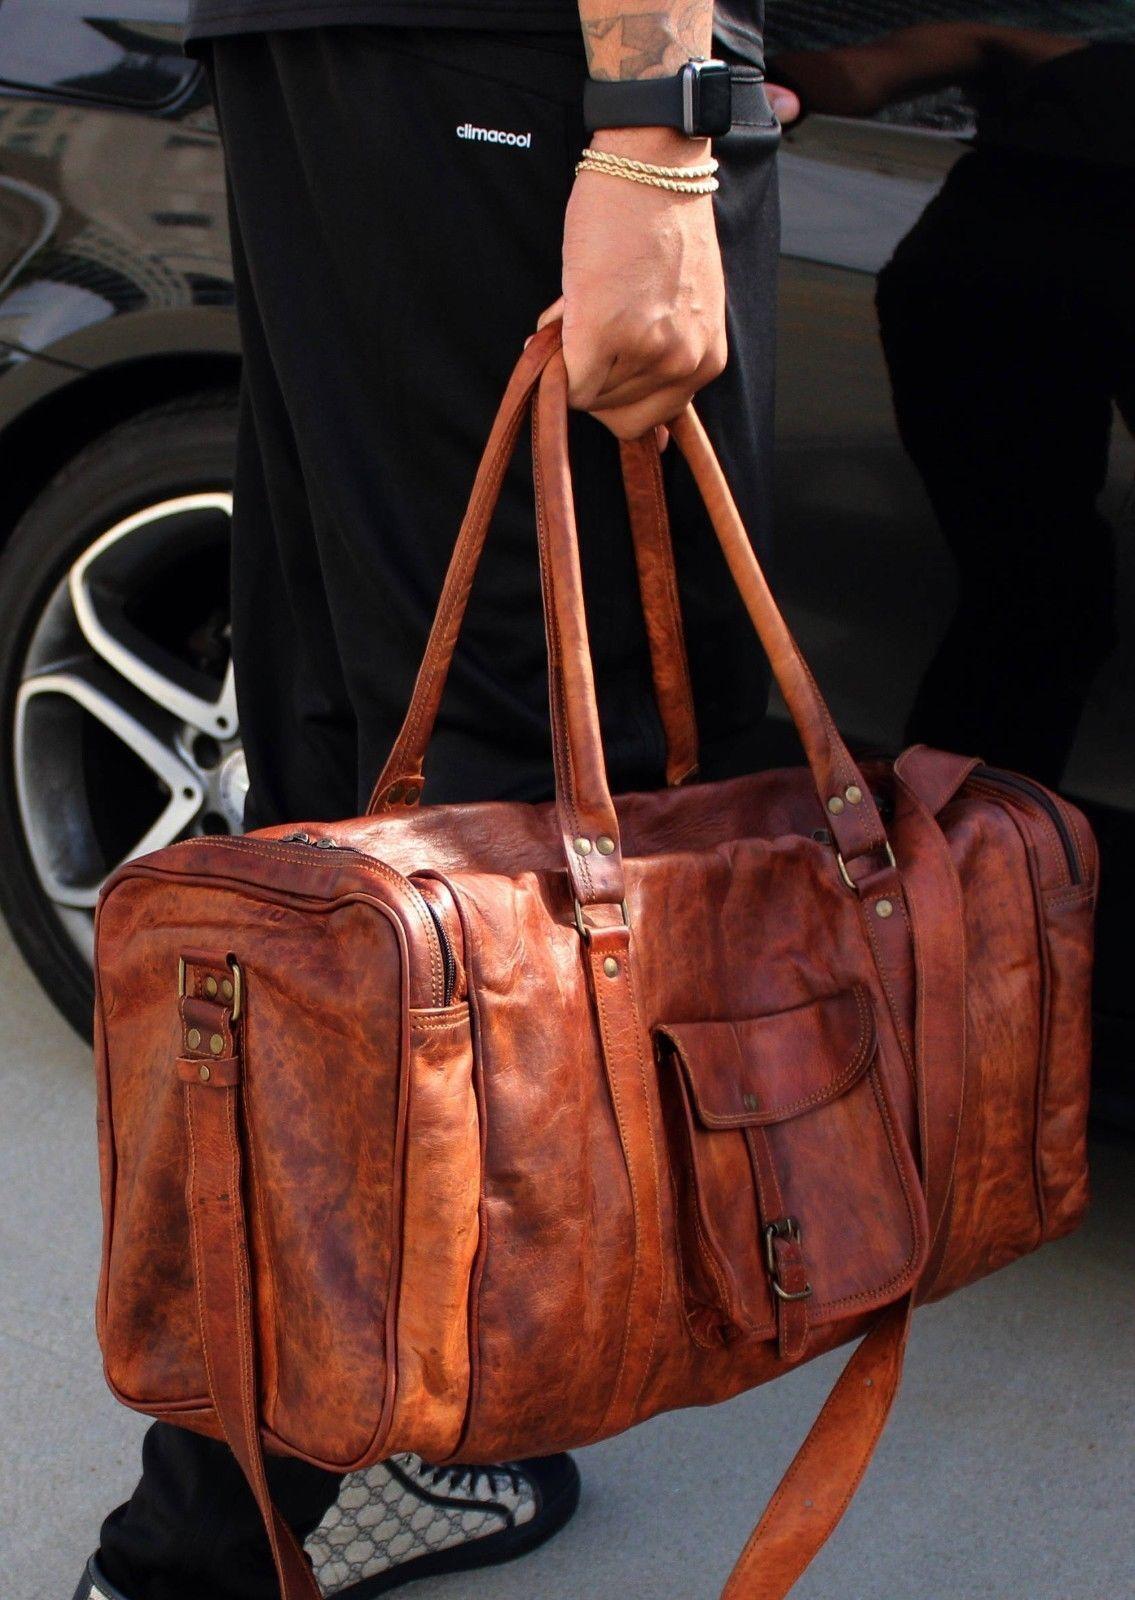 Vintage Retro Unisex Unisex Unisex Vintage Leder Wochenende Schulter Reisetasche Reisetasche    | Billiger als der Preis  d6b4b8